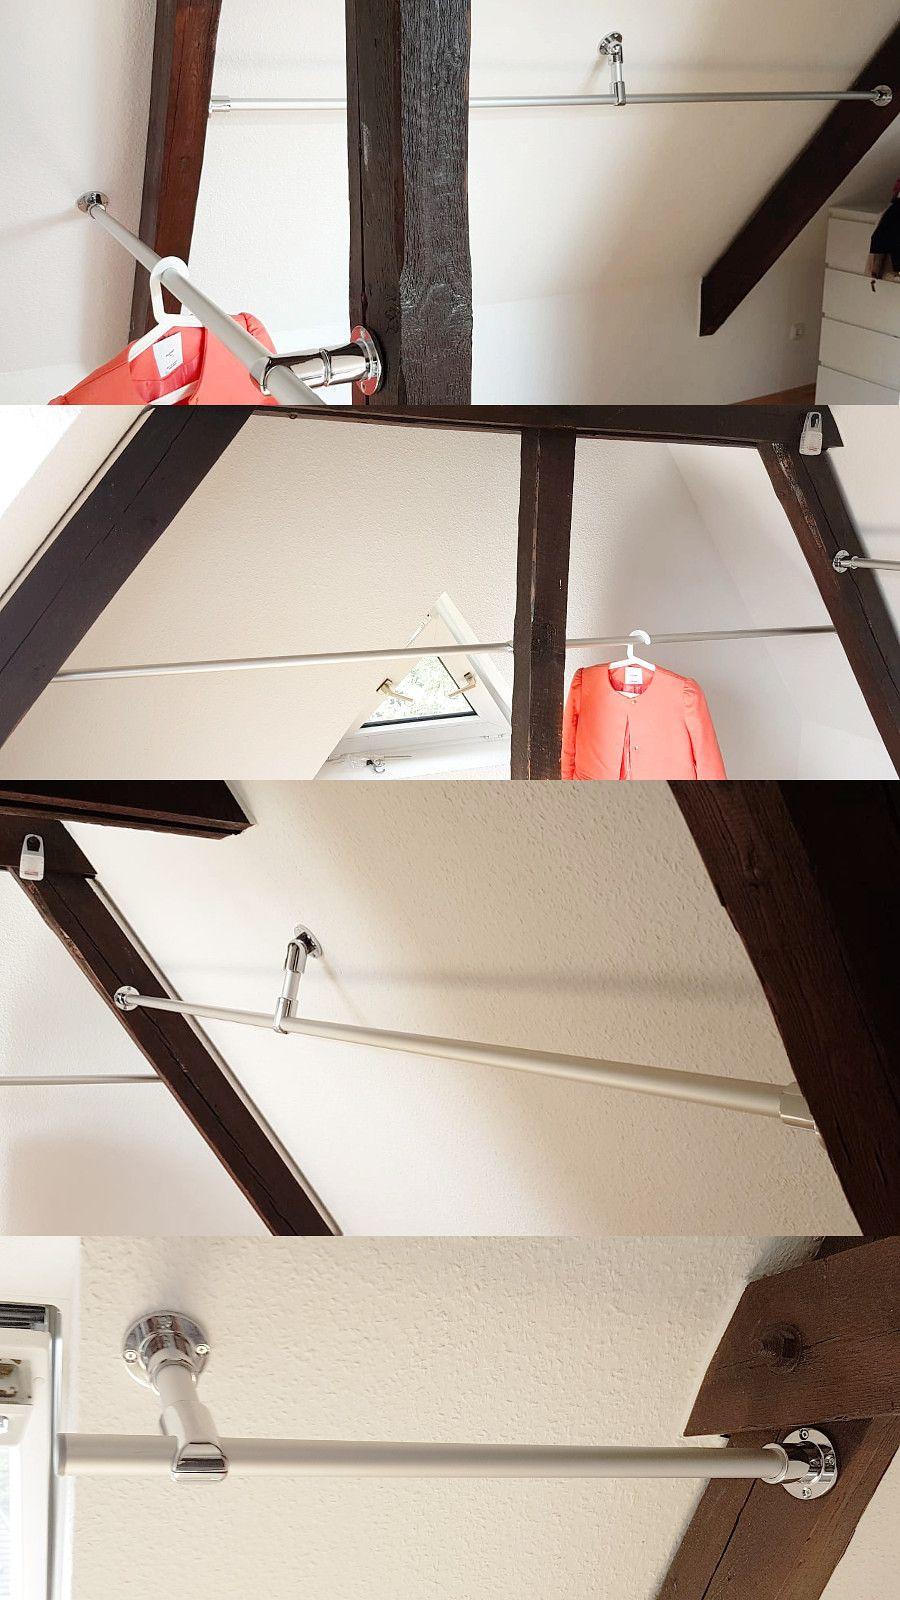 kundenfoto: dachboden als kleiderschrank nutzen. kleiderstange nach